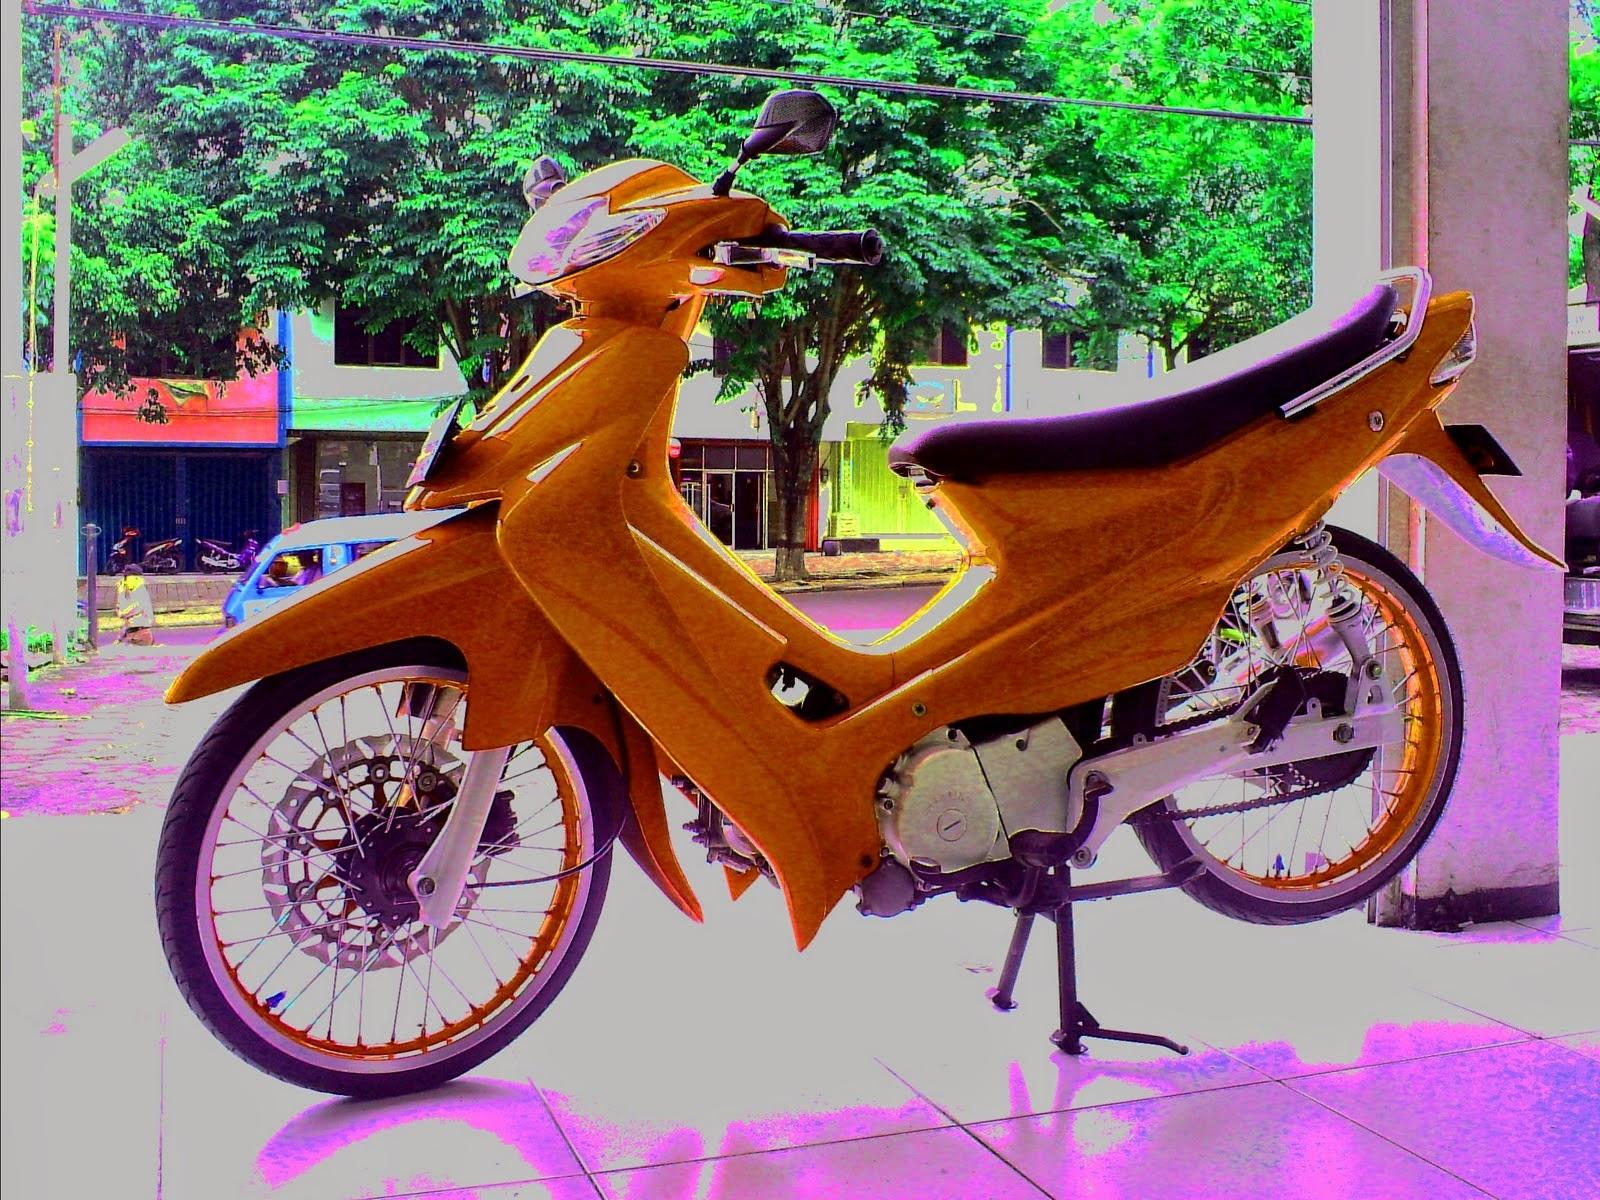 Gambar Modifikasi Suzuki Smash Klasik Modifikasi Motor